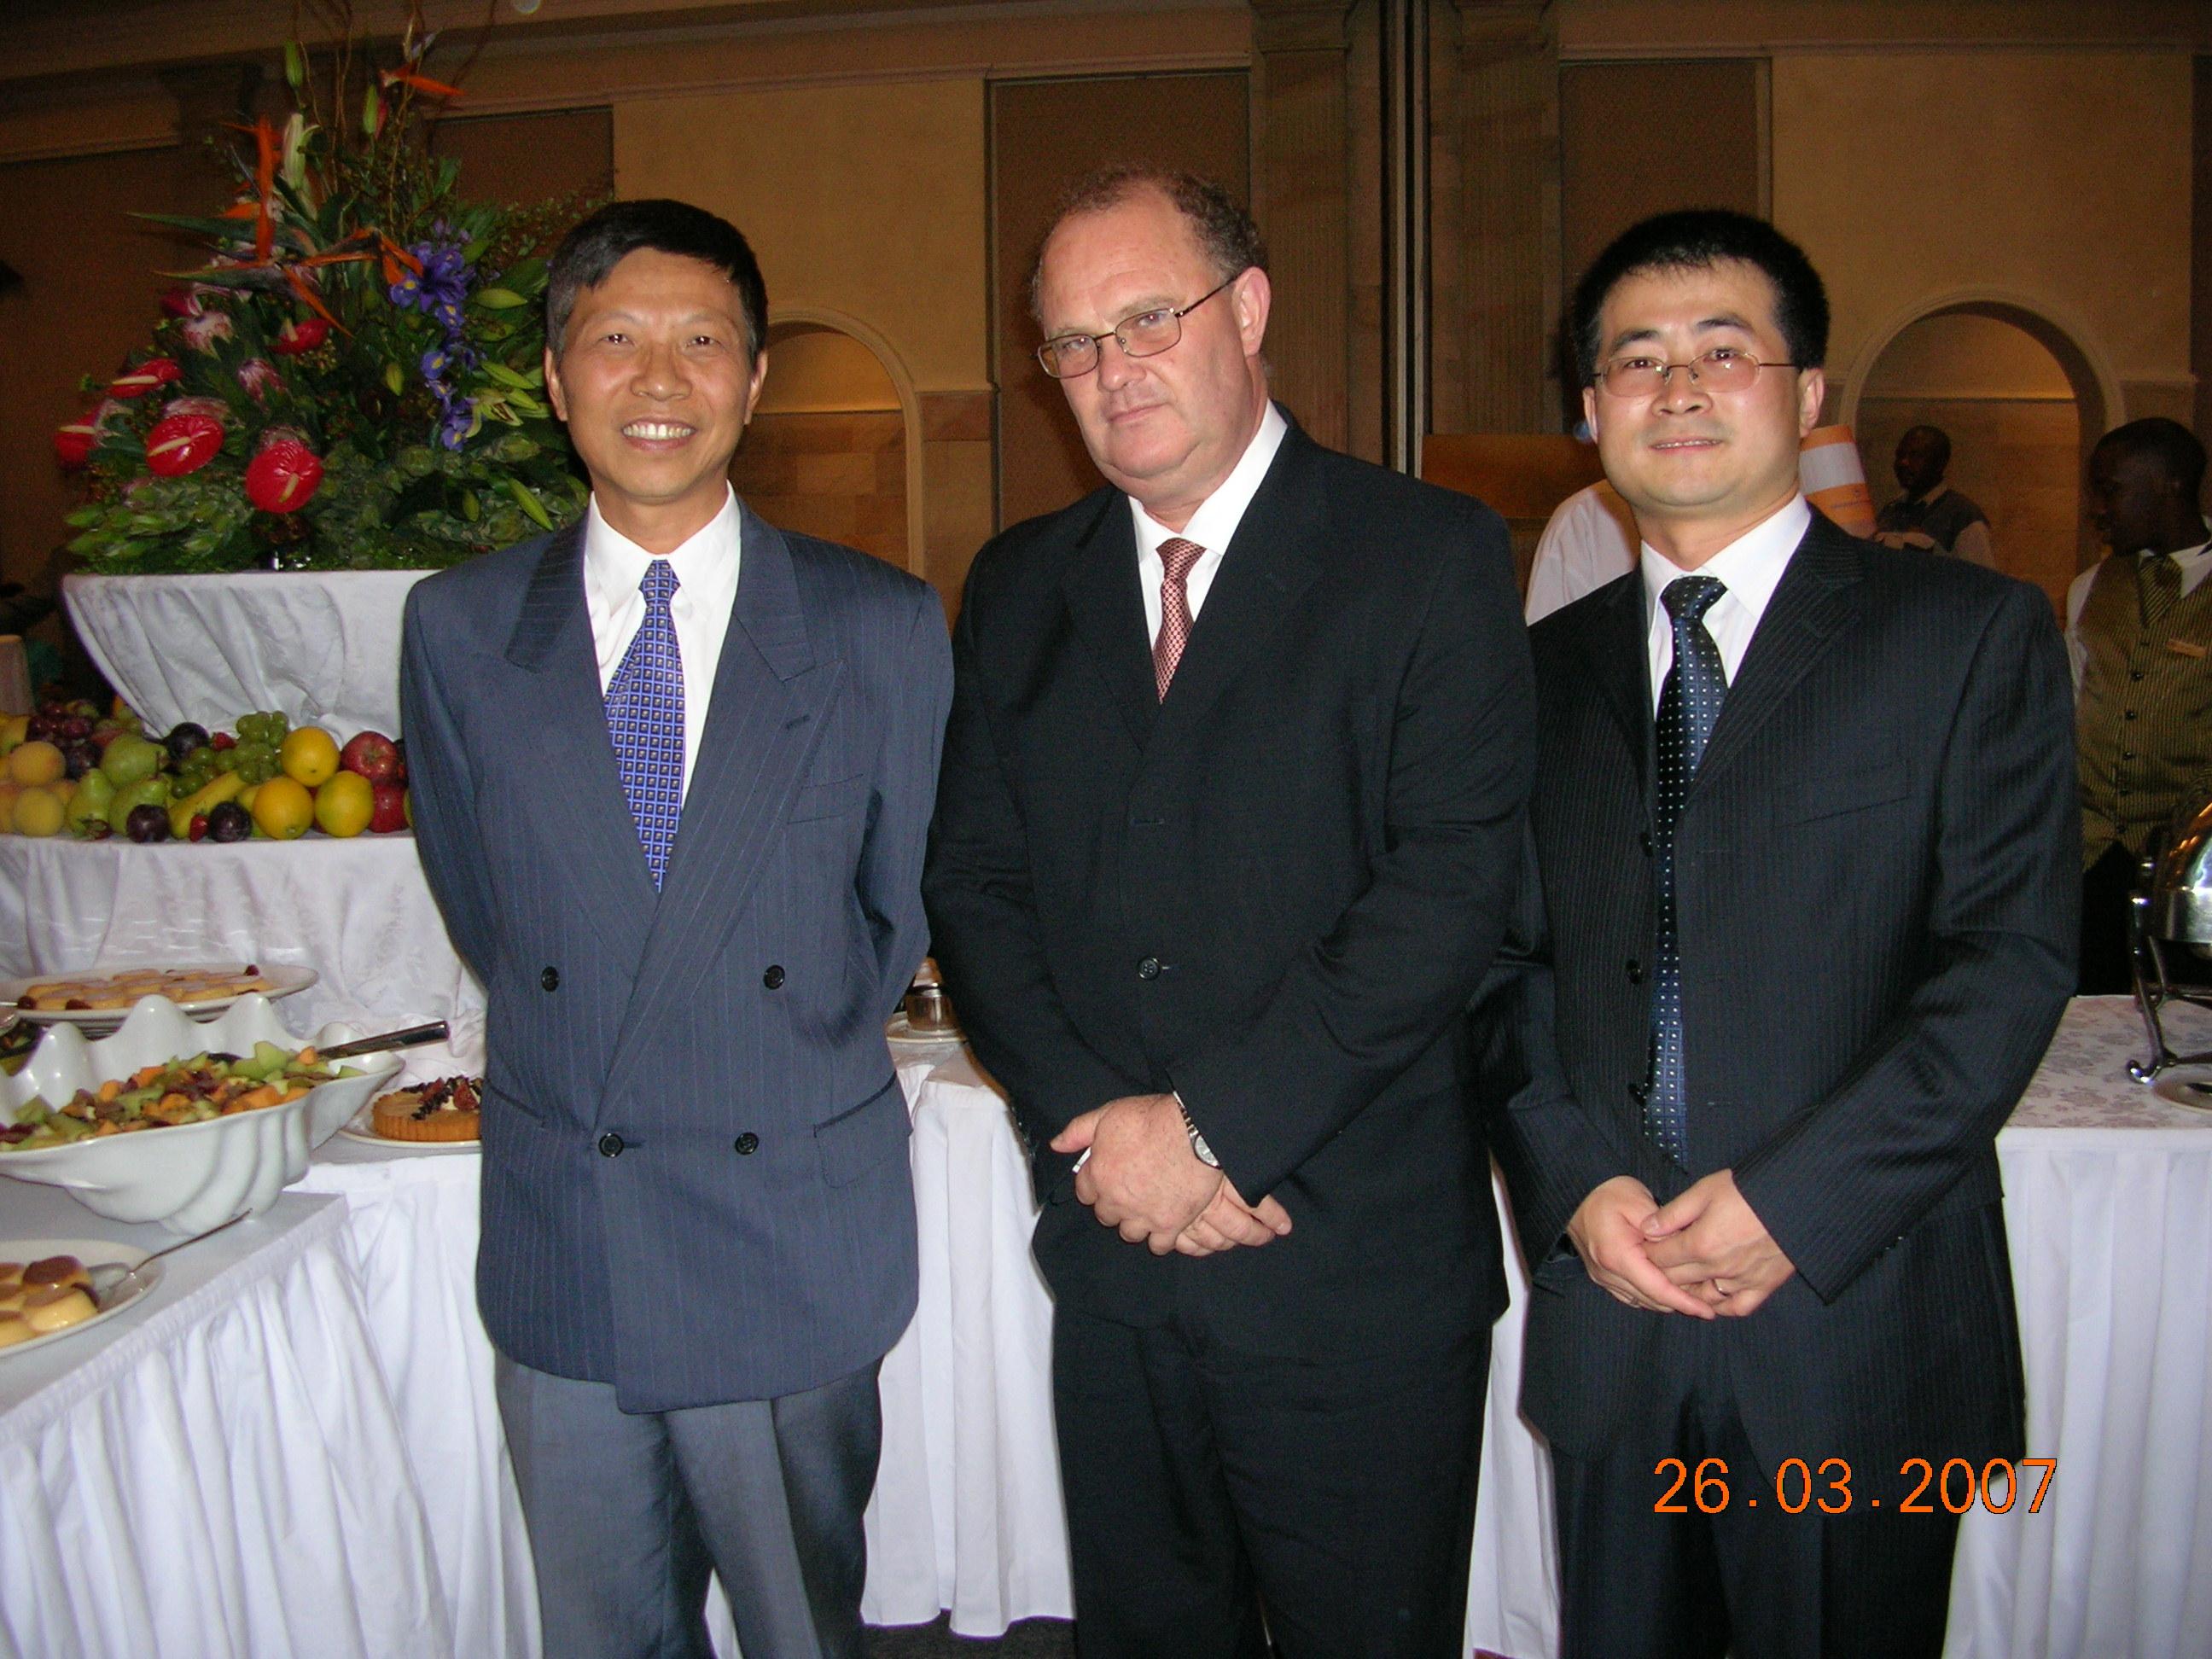 wei and zhang 2011 pdf